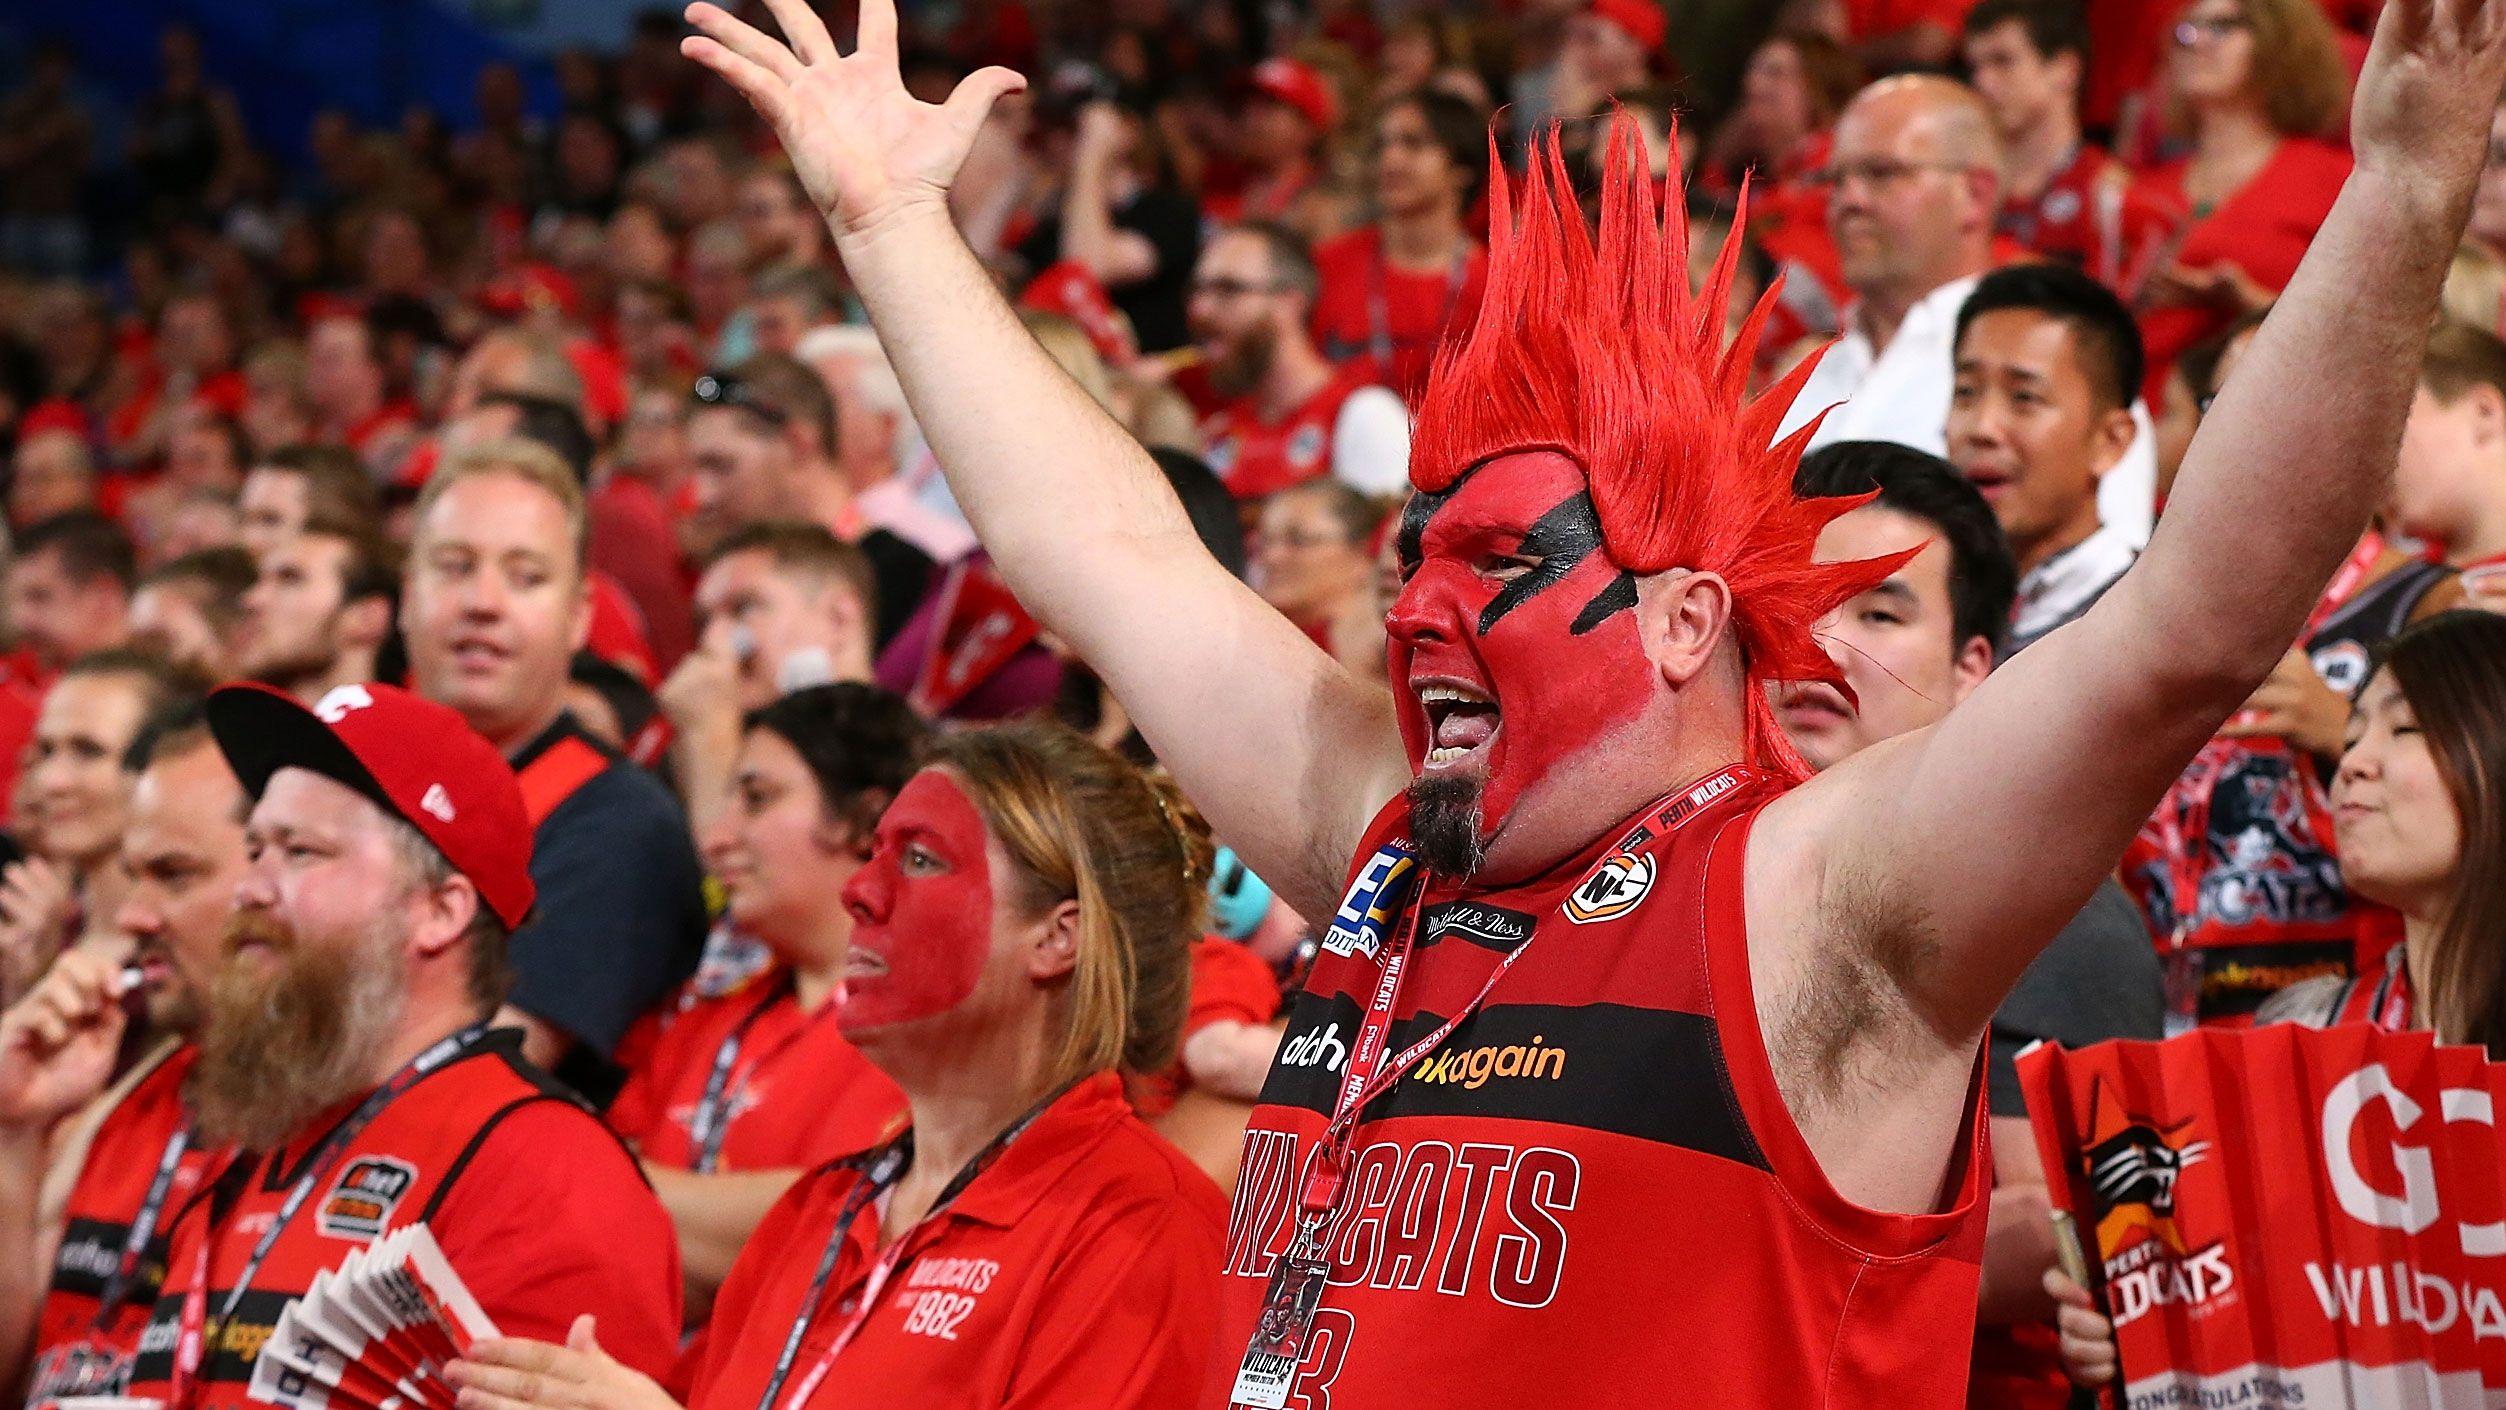 Perth Wildcats fandom is huge.